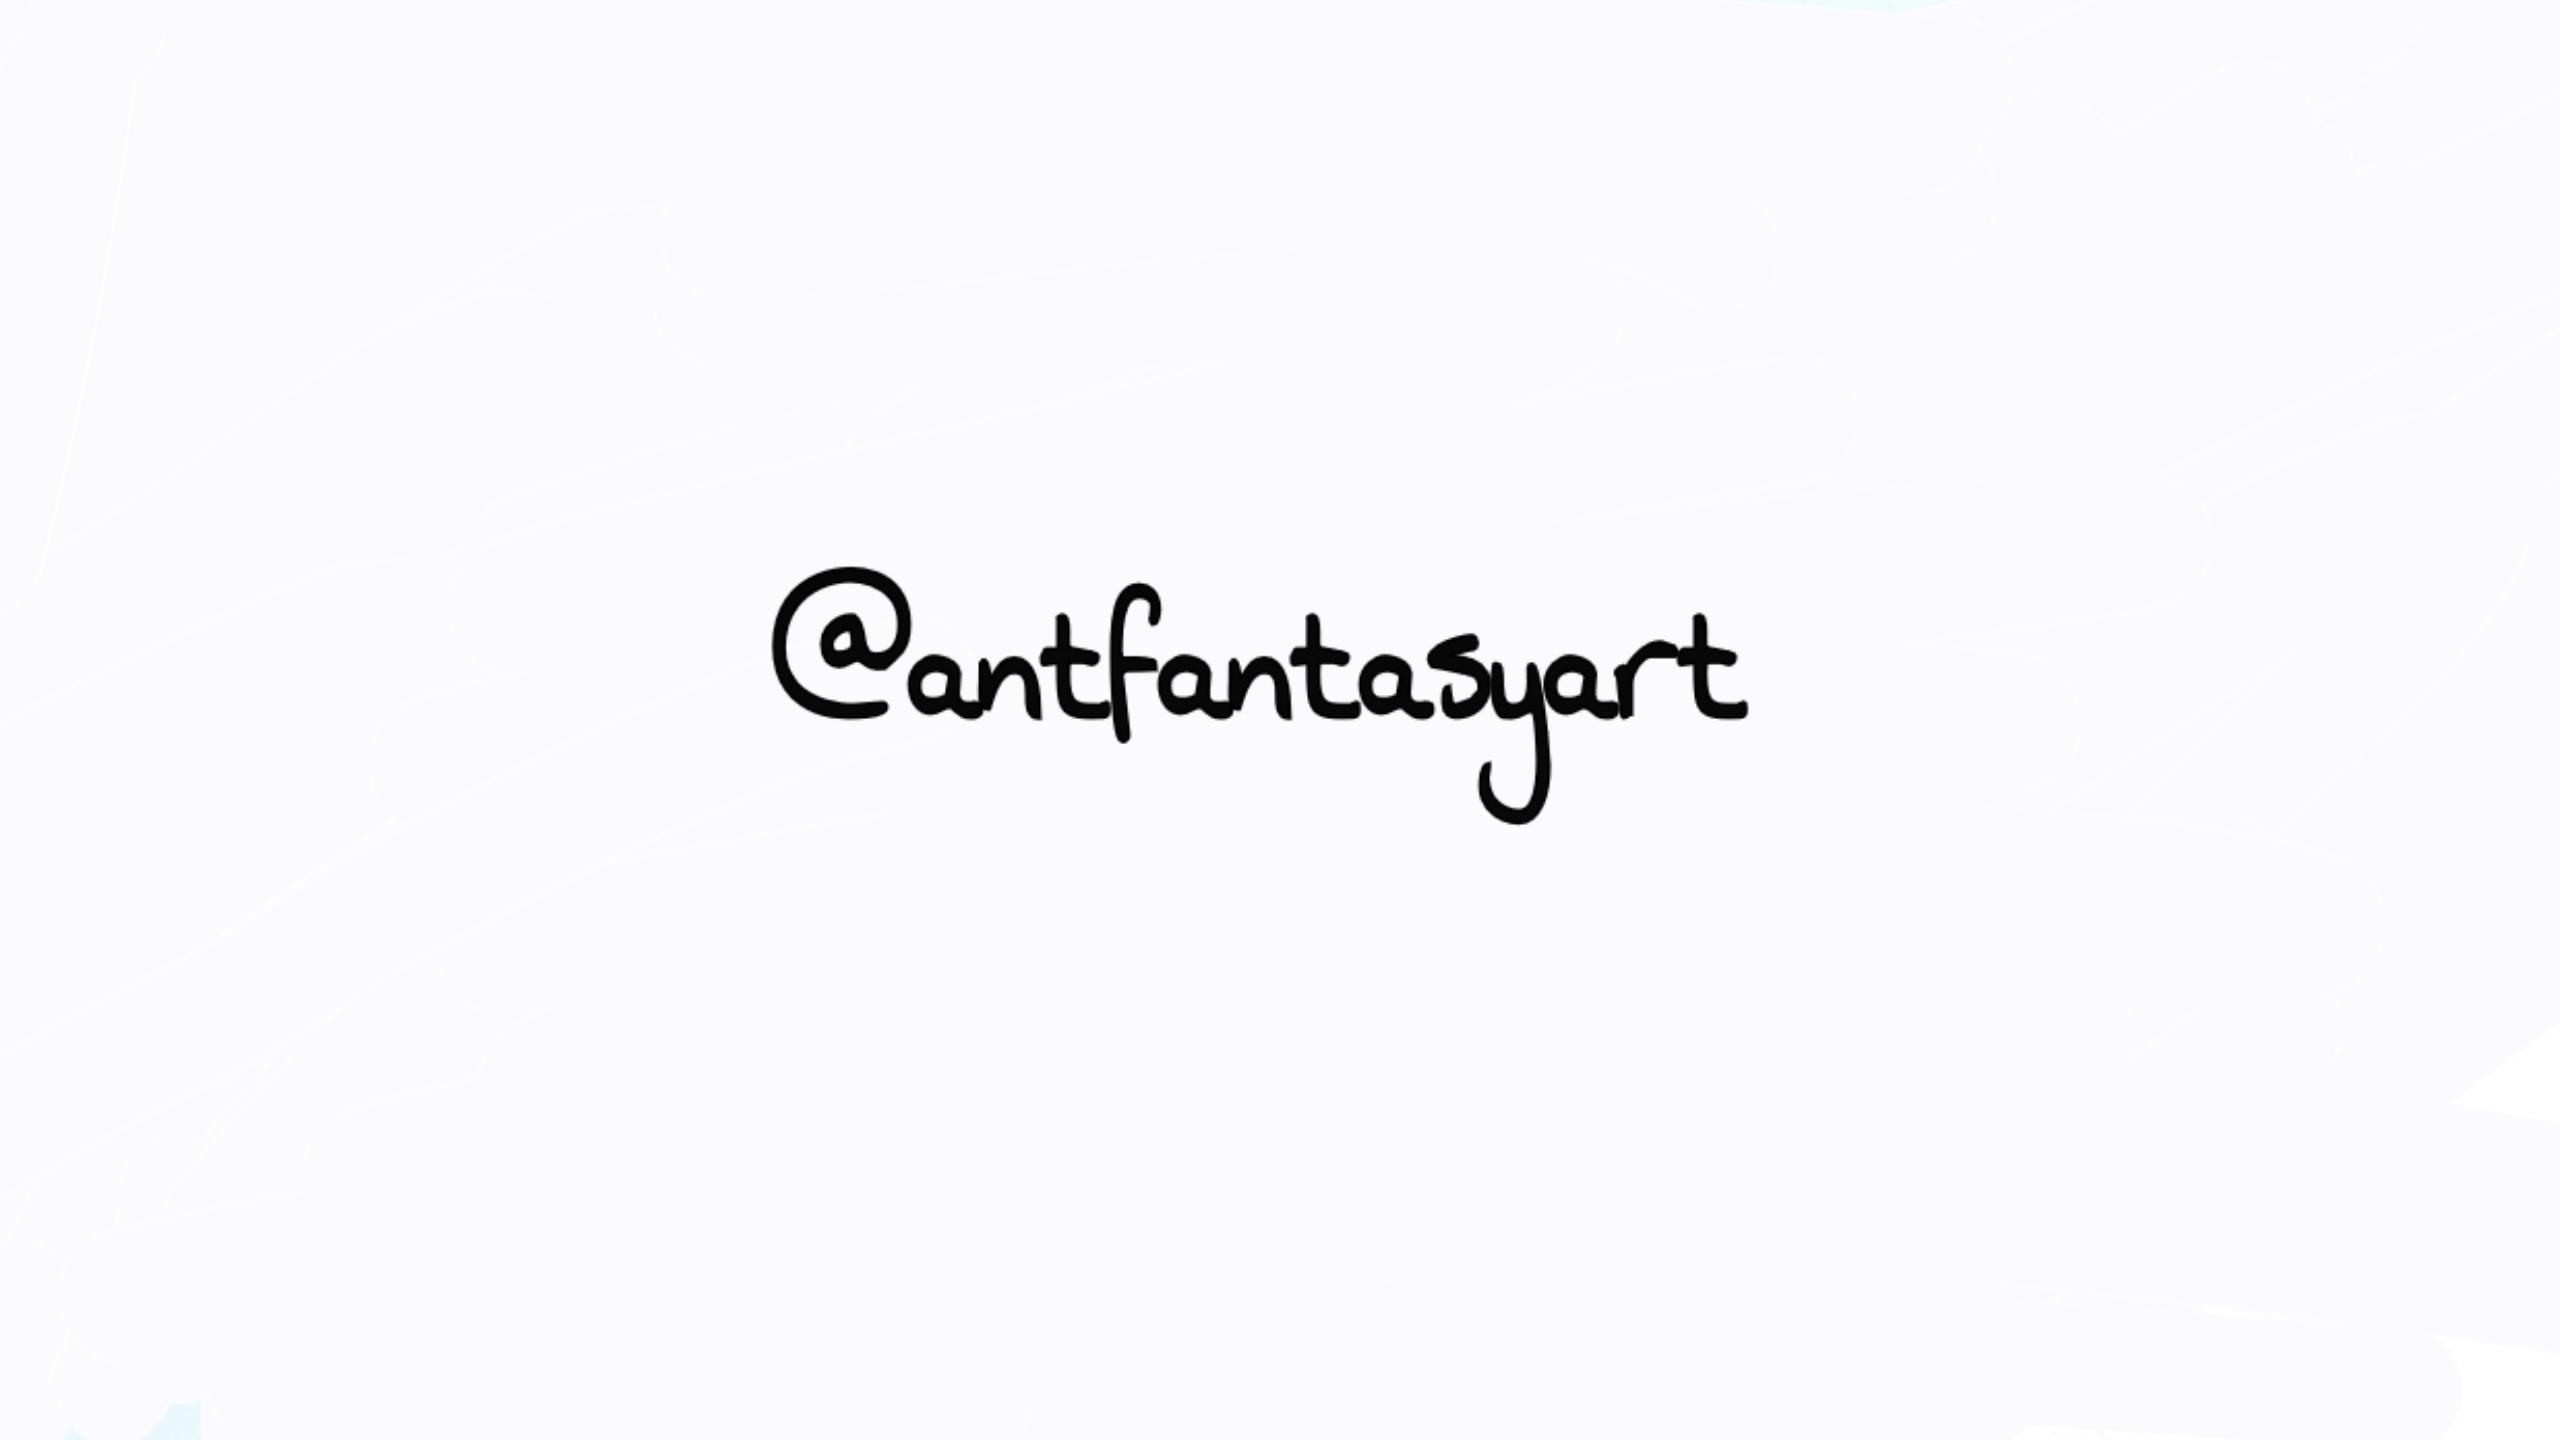 Ant Fantasy's Signature